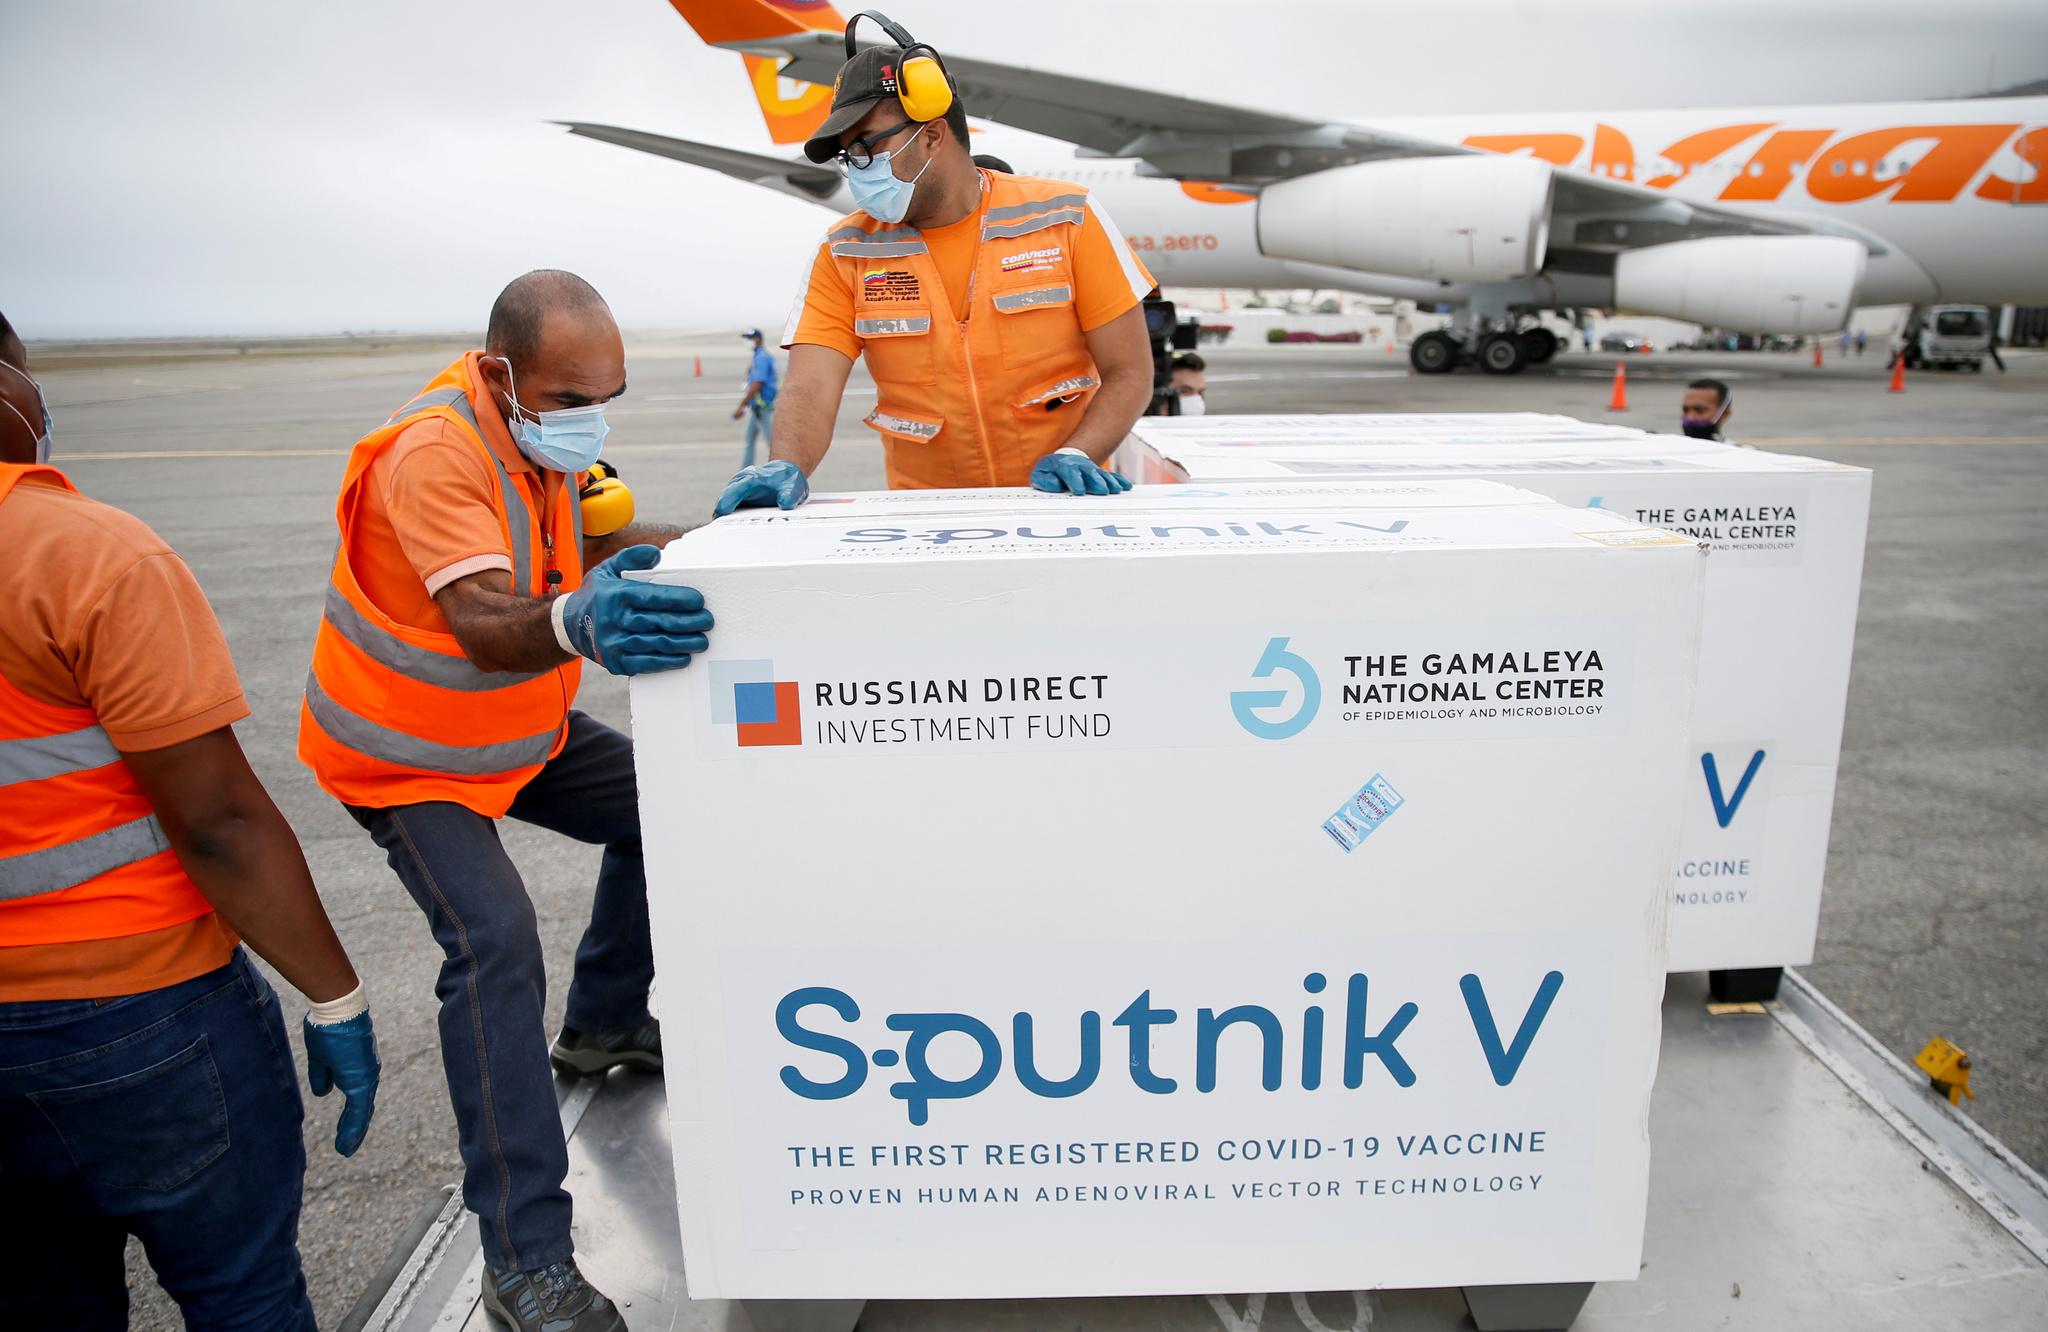 Dosis de la vacuna Sputnik en el aeropuerto de Caracas, Venezuela.